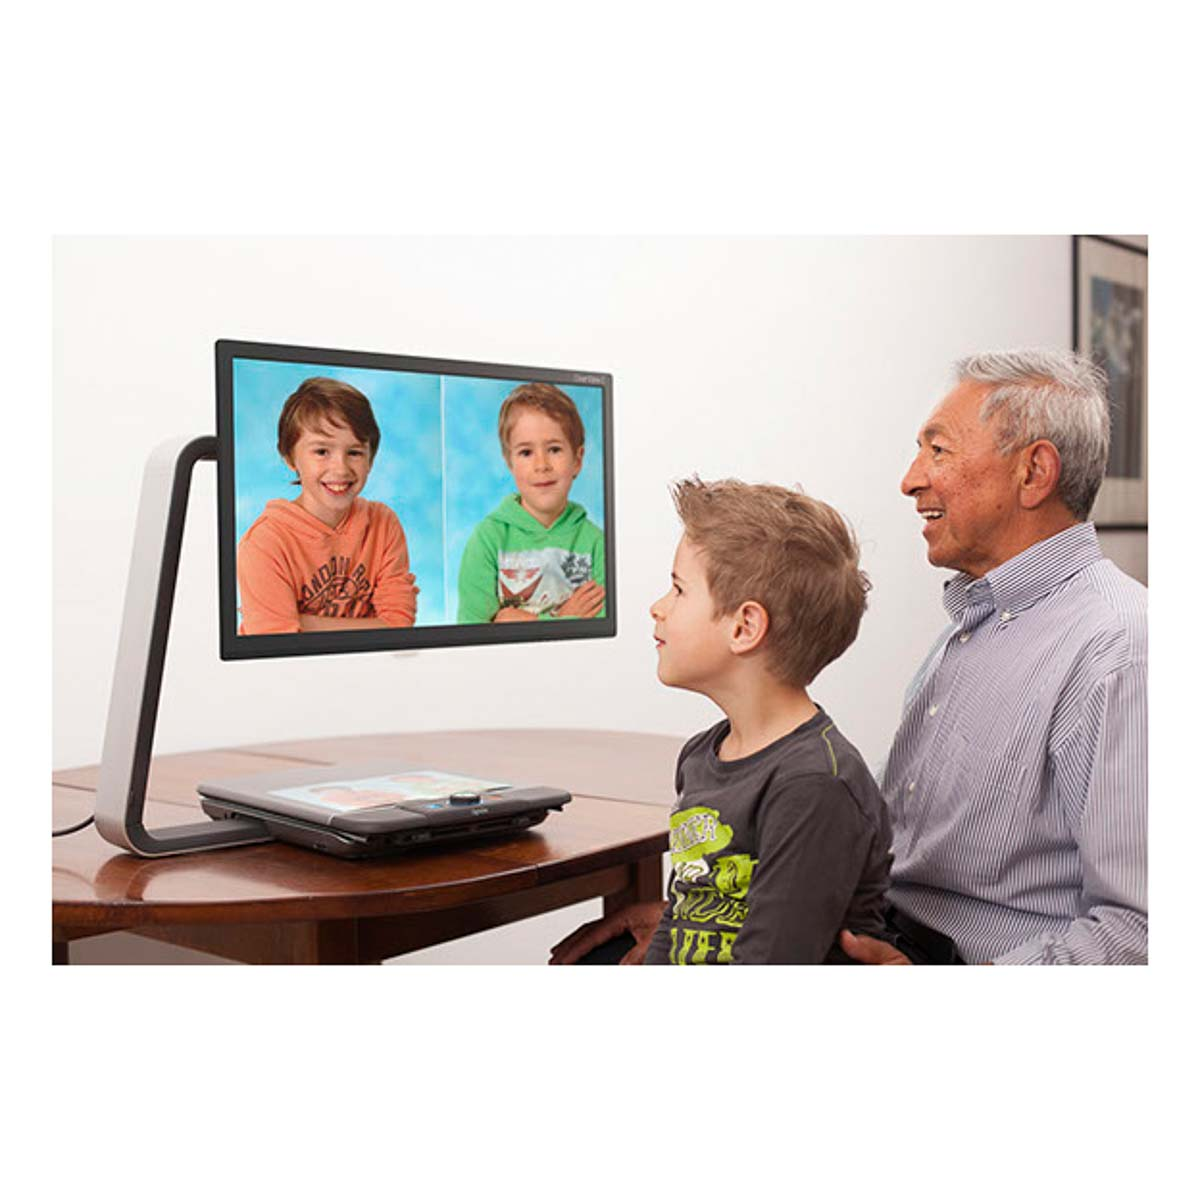 optelec videoingranditore 24 full hd